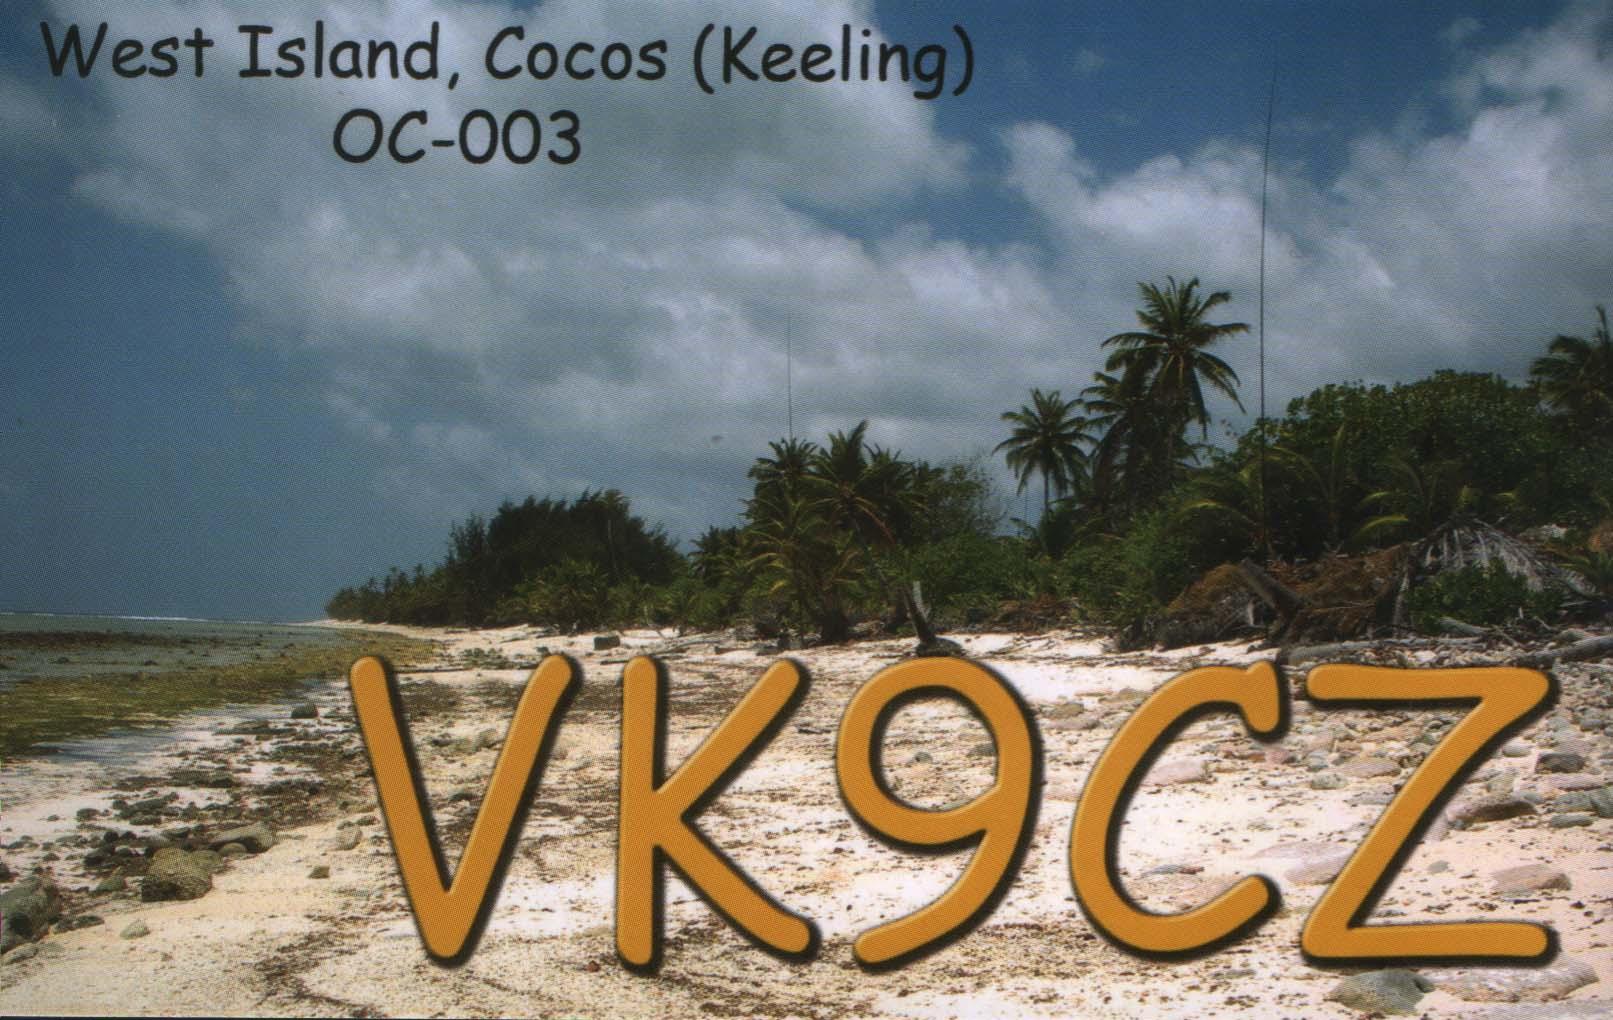 Нажмите на изображение для увеличения.  Название:VK9CZ.jpg Просмотров:6 Размер:233.3 Кб ID:203838